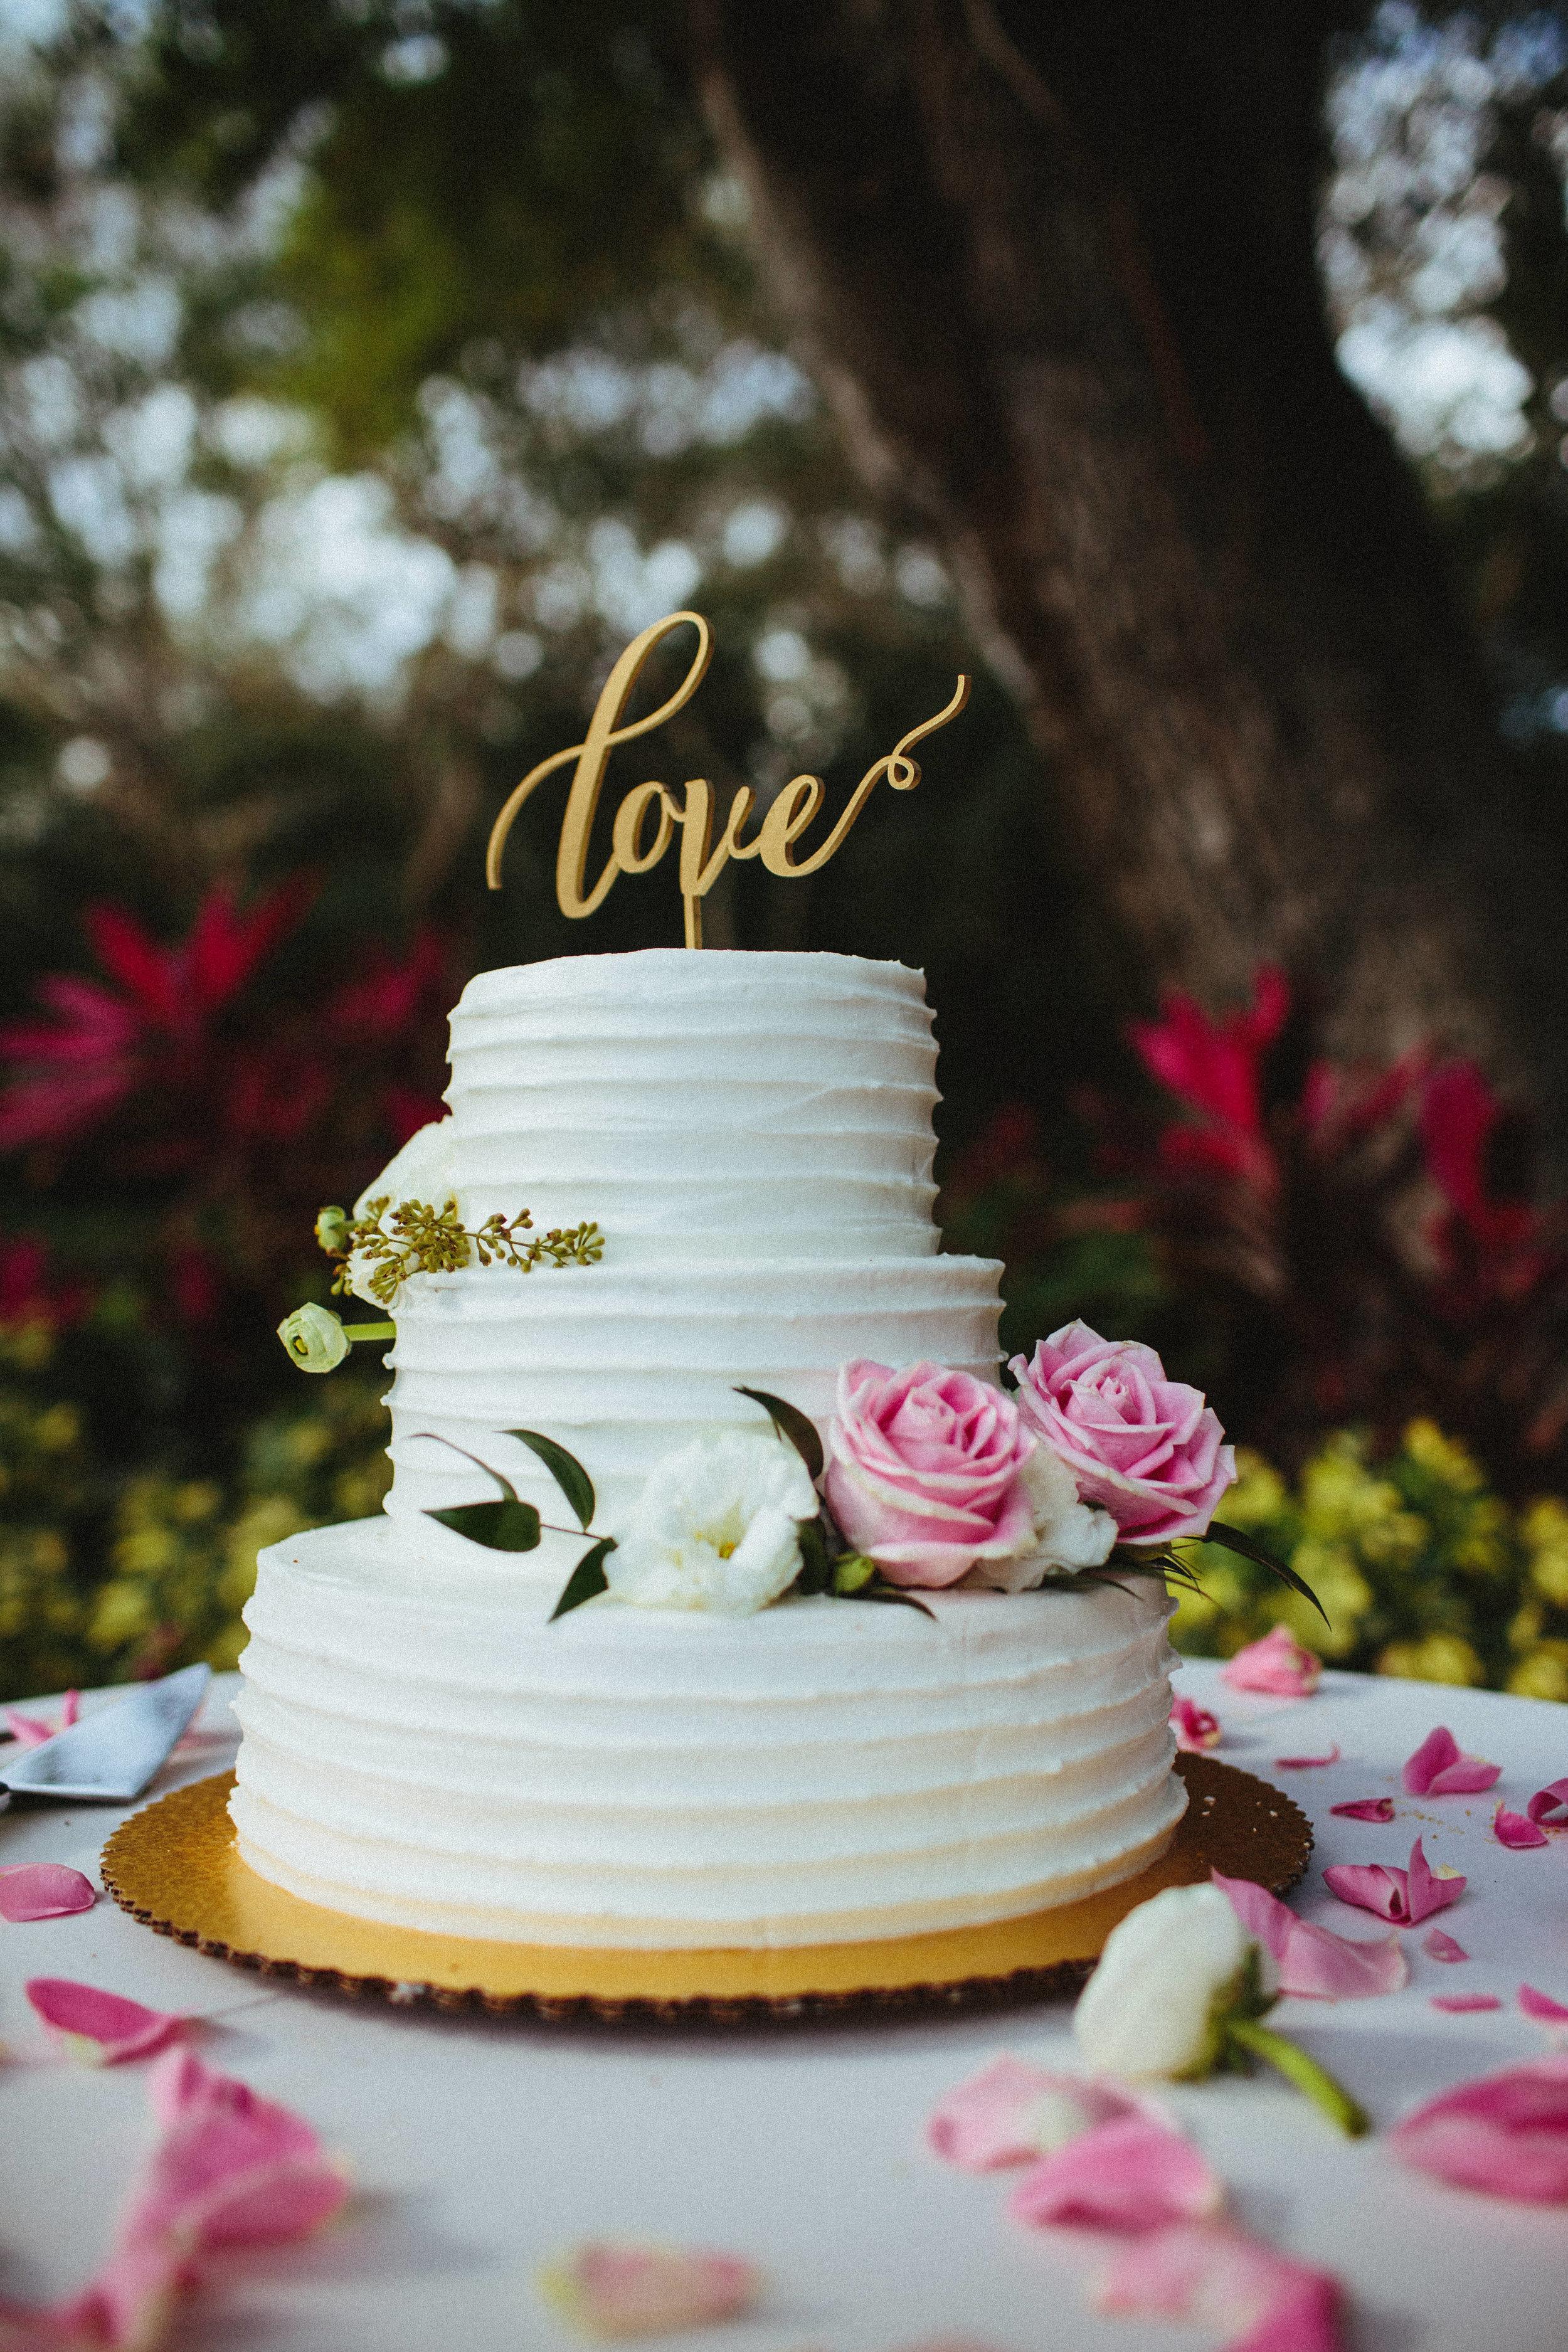 Wedding Cake by Ana Paz